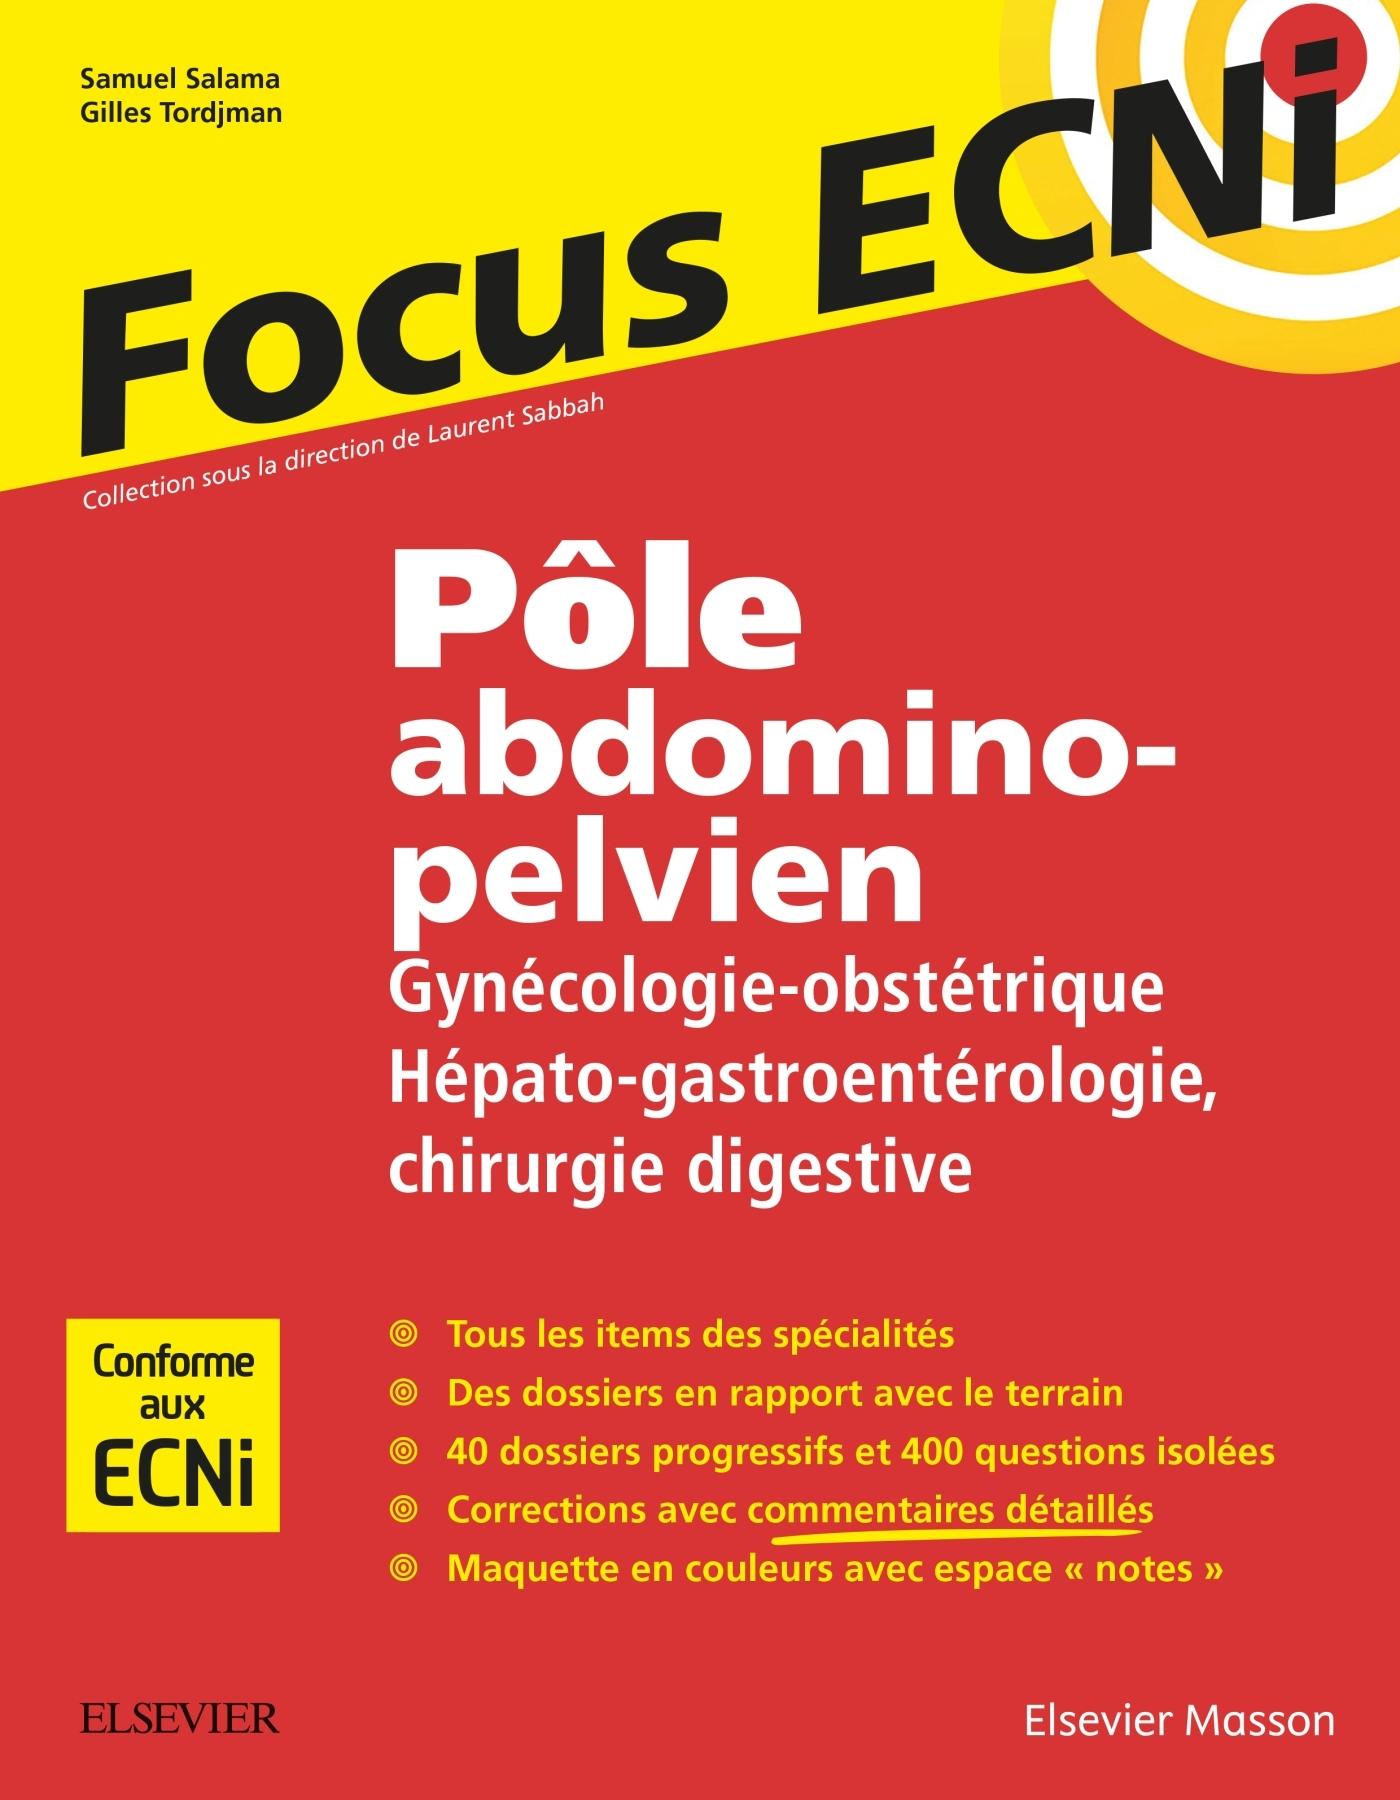 POLE ABDOMINO-PELVIEN : GYNECOLOGIE-OBSTETRIQUE/HEPATO-GASTROENTEROLOGIE-CHIRURGIE DIGESTIVE